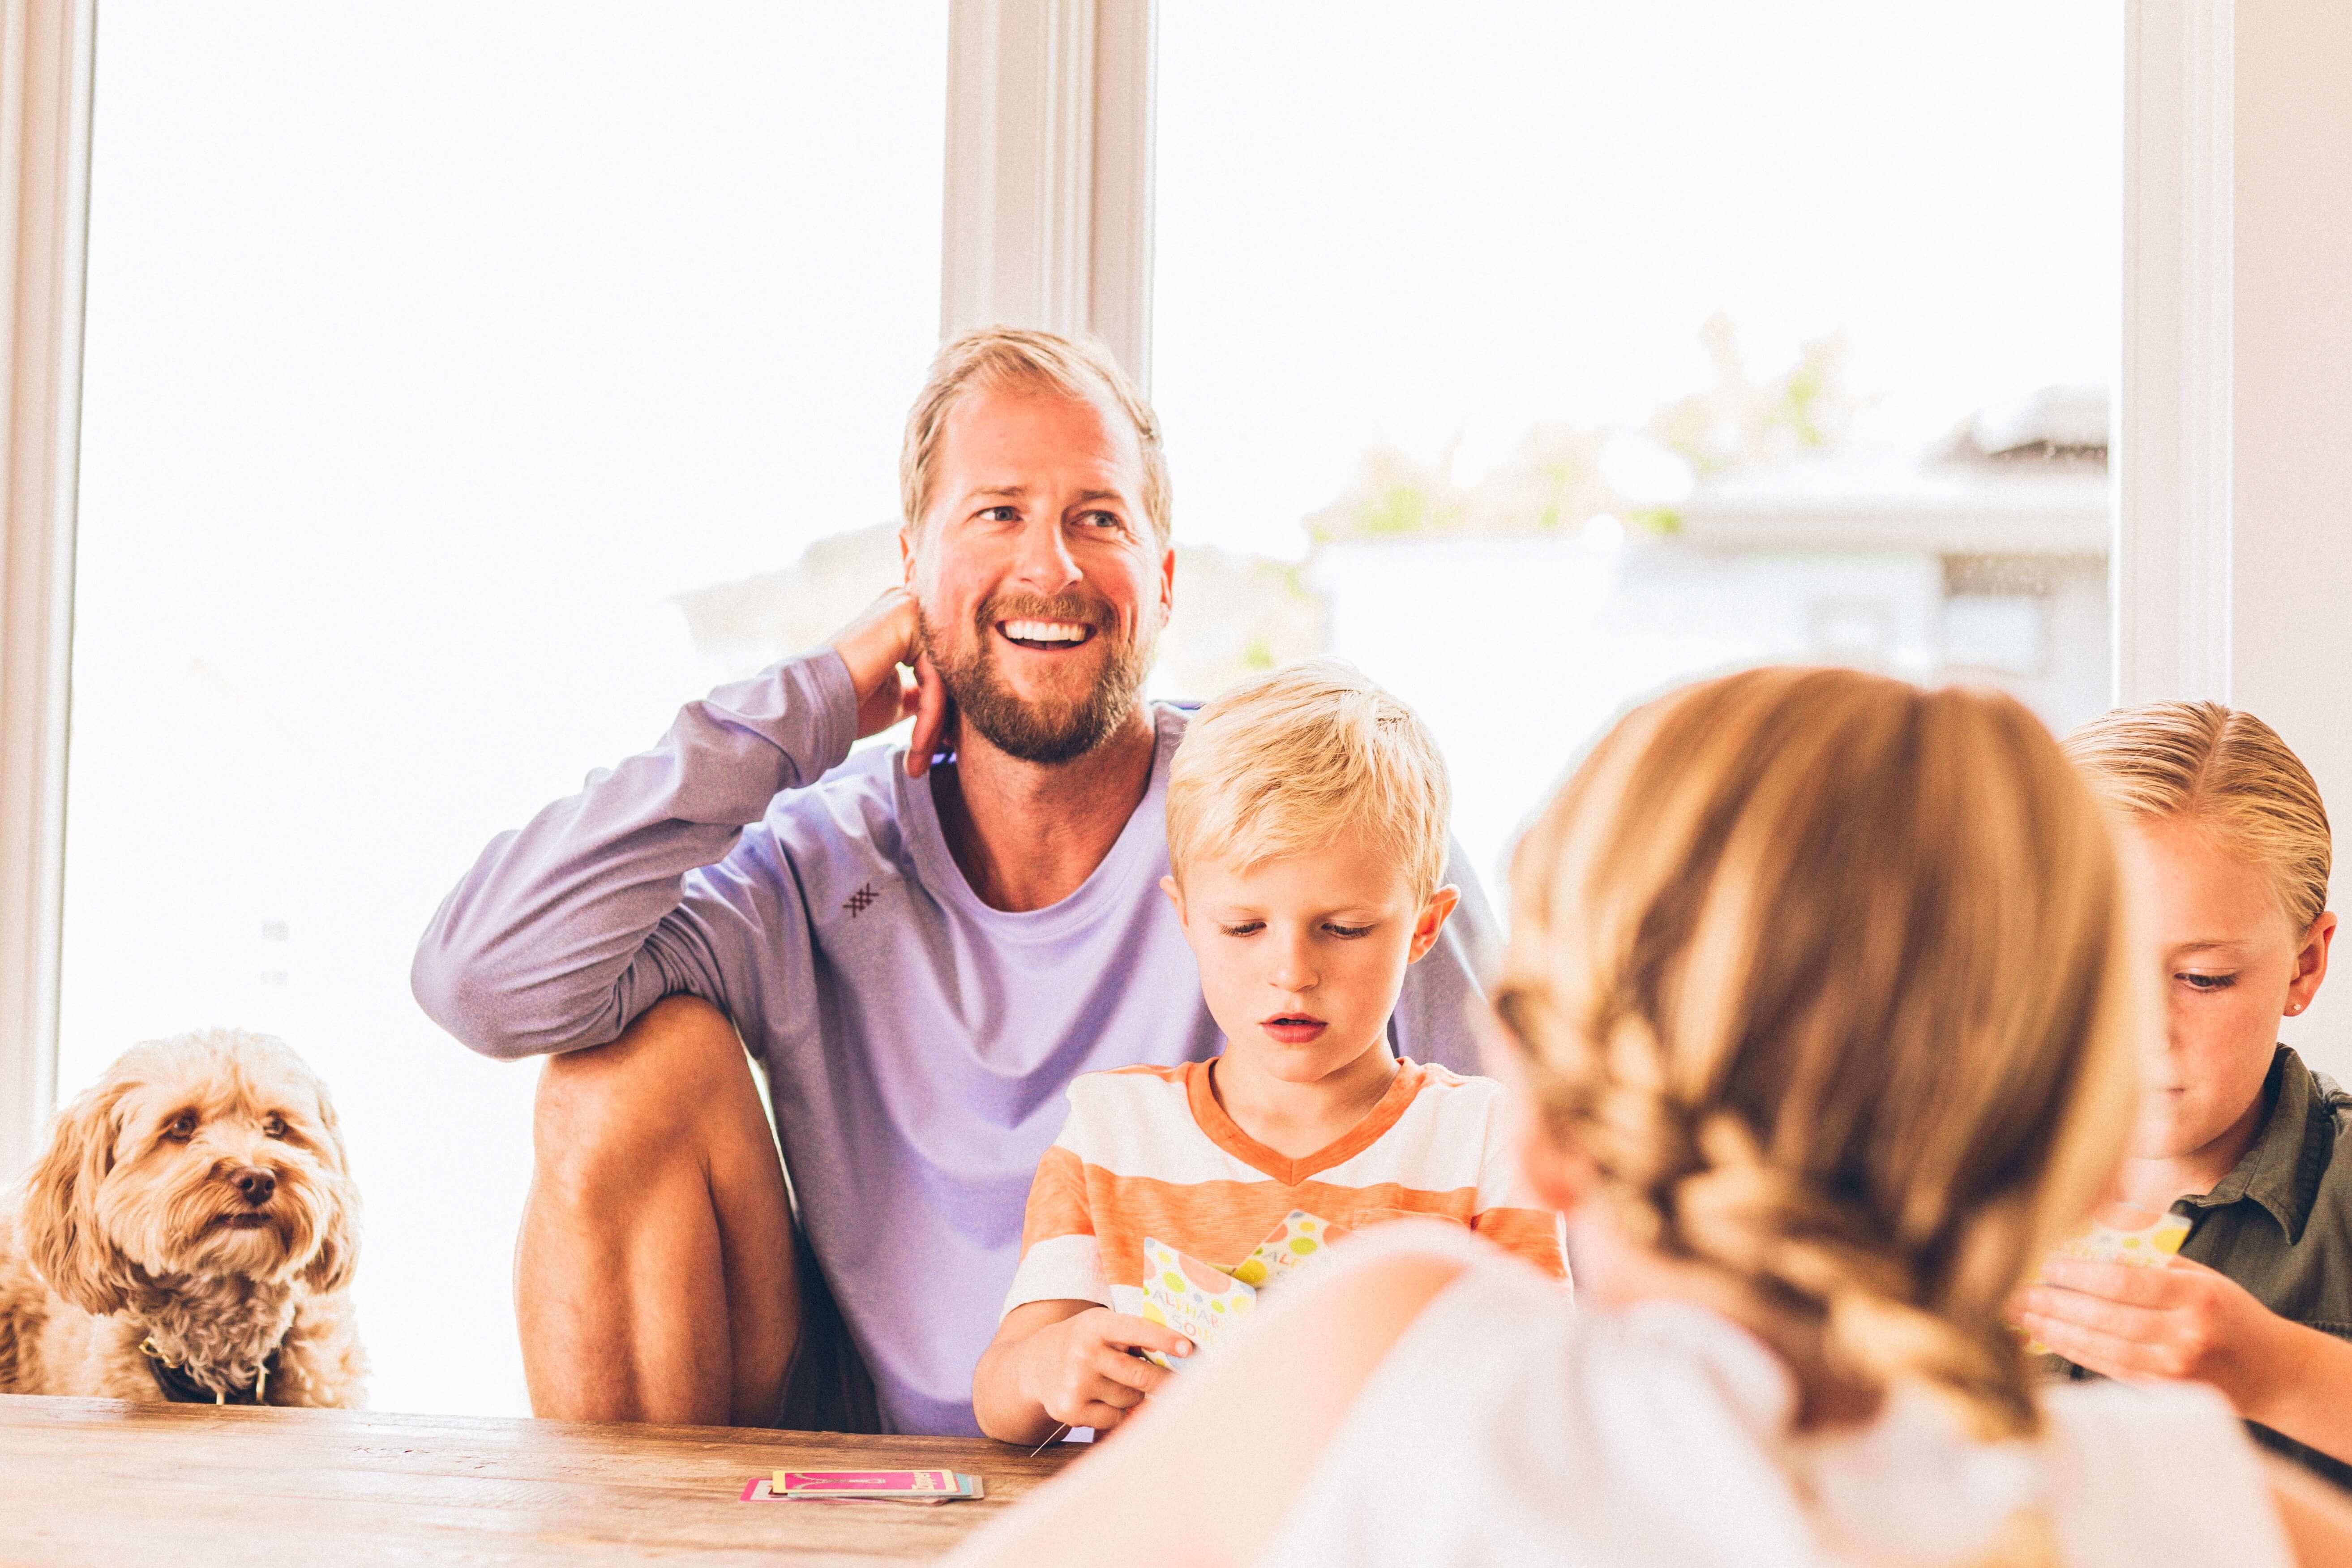 כיצד יש לבחור עורך דין משפחה מומלץ